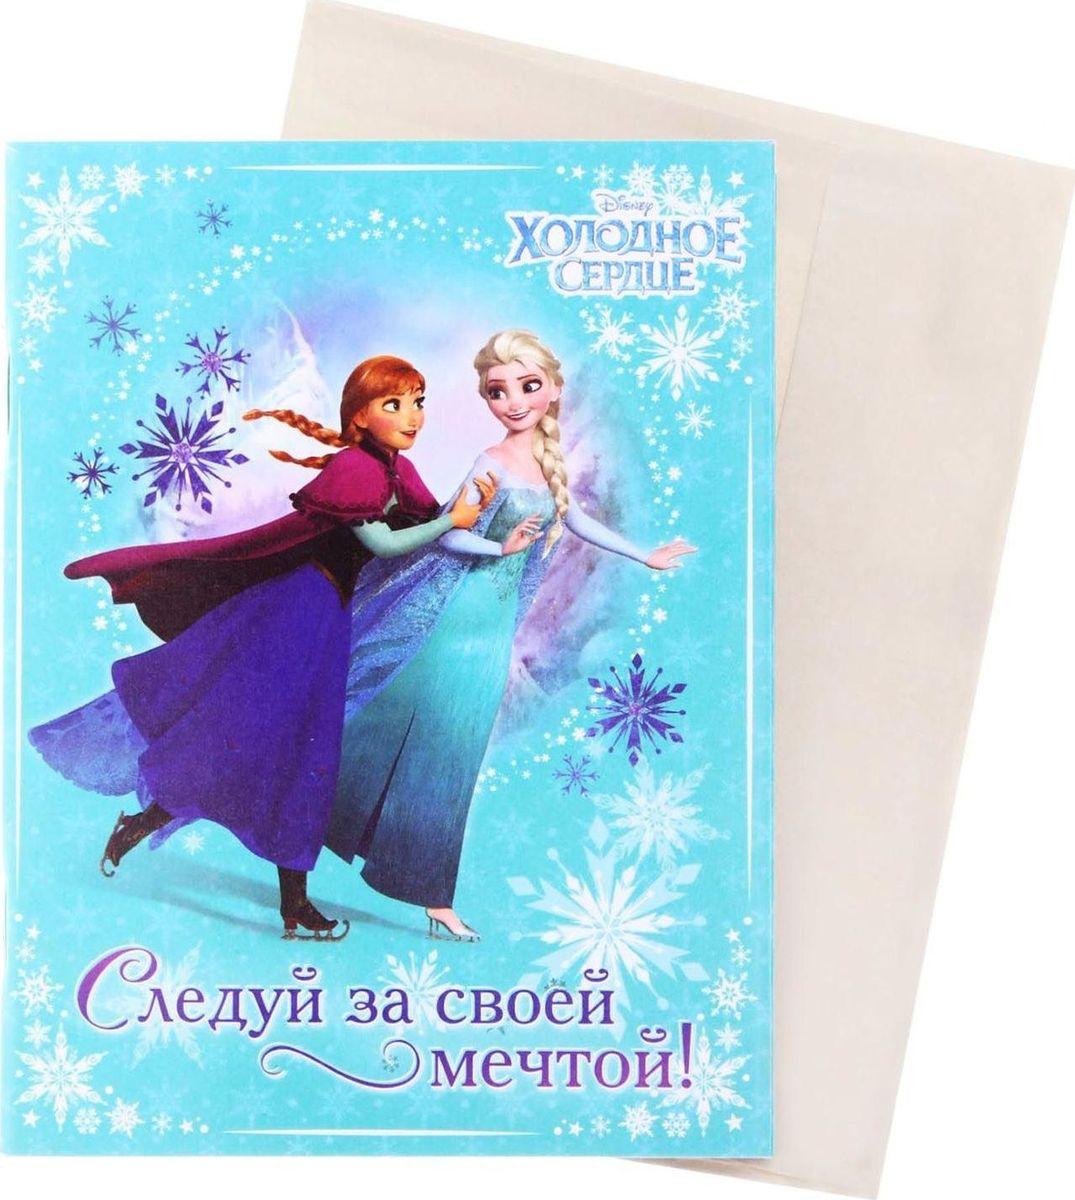 Disney Блокнот-открытка Холодное сердце Следуй за своей мечтой 32 листа72523WDПеред вами уникальная разработка. С одной стороны, это яркая открытка с героями любимого мультфильма, а стоит заглянуть внутрь и вы найдете 32 дизайнерских листа с бархатной фактурой.В отличие от обычной открытки, которая зачастую просто пылится в шкафу, блокнотом Холодное сердце: следуй за своей мечтой приятно пользоваться!Блокнот наполнен советами для юных принцесс.Эксклюзивный блокнот-открытка будет прекрасным подарком для любимой дочери любого возраста. В подарок к блокноту-открытке вложен универсальный конверт. Подпишите его и вручите сувенир адресату на любой праздник.